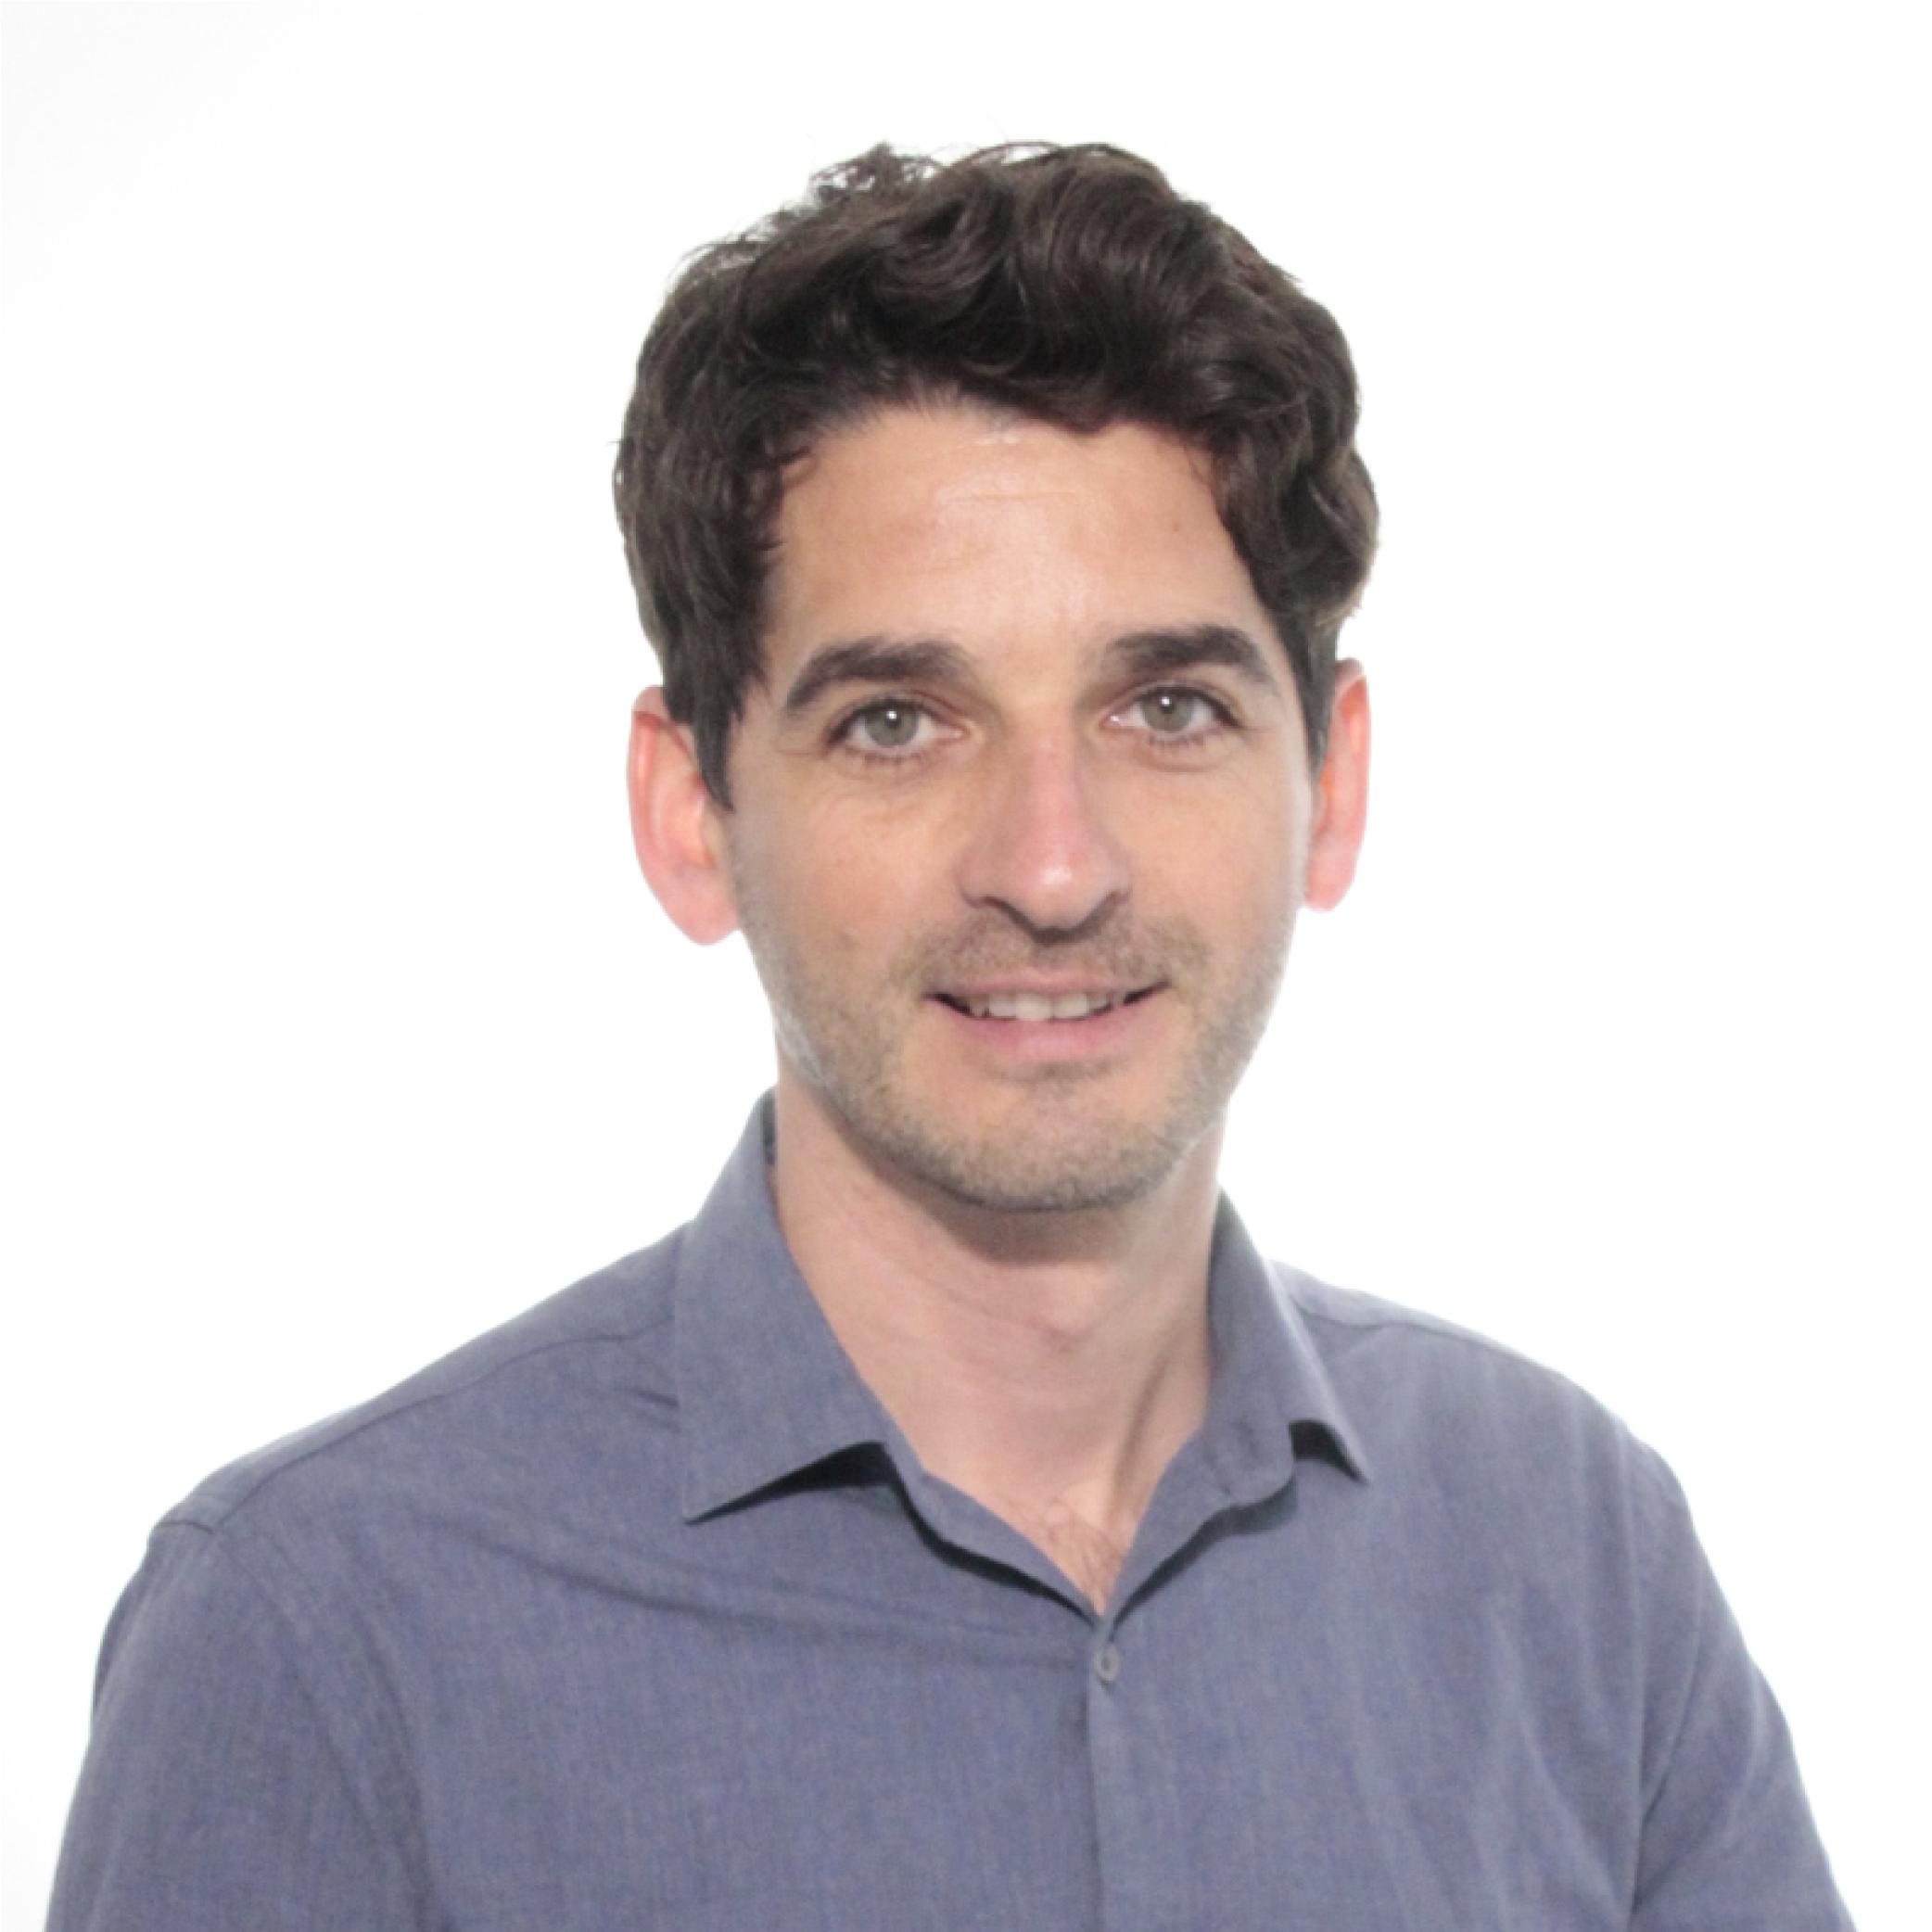 Marc Serrat Genescà